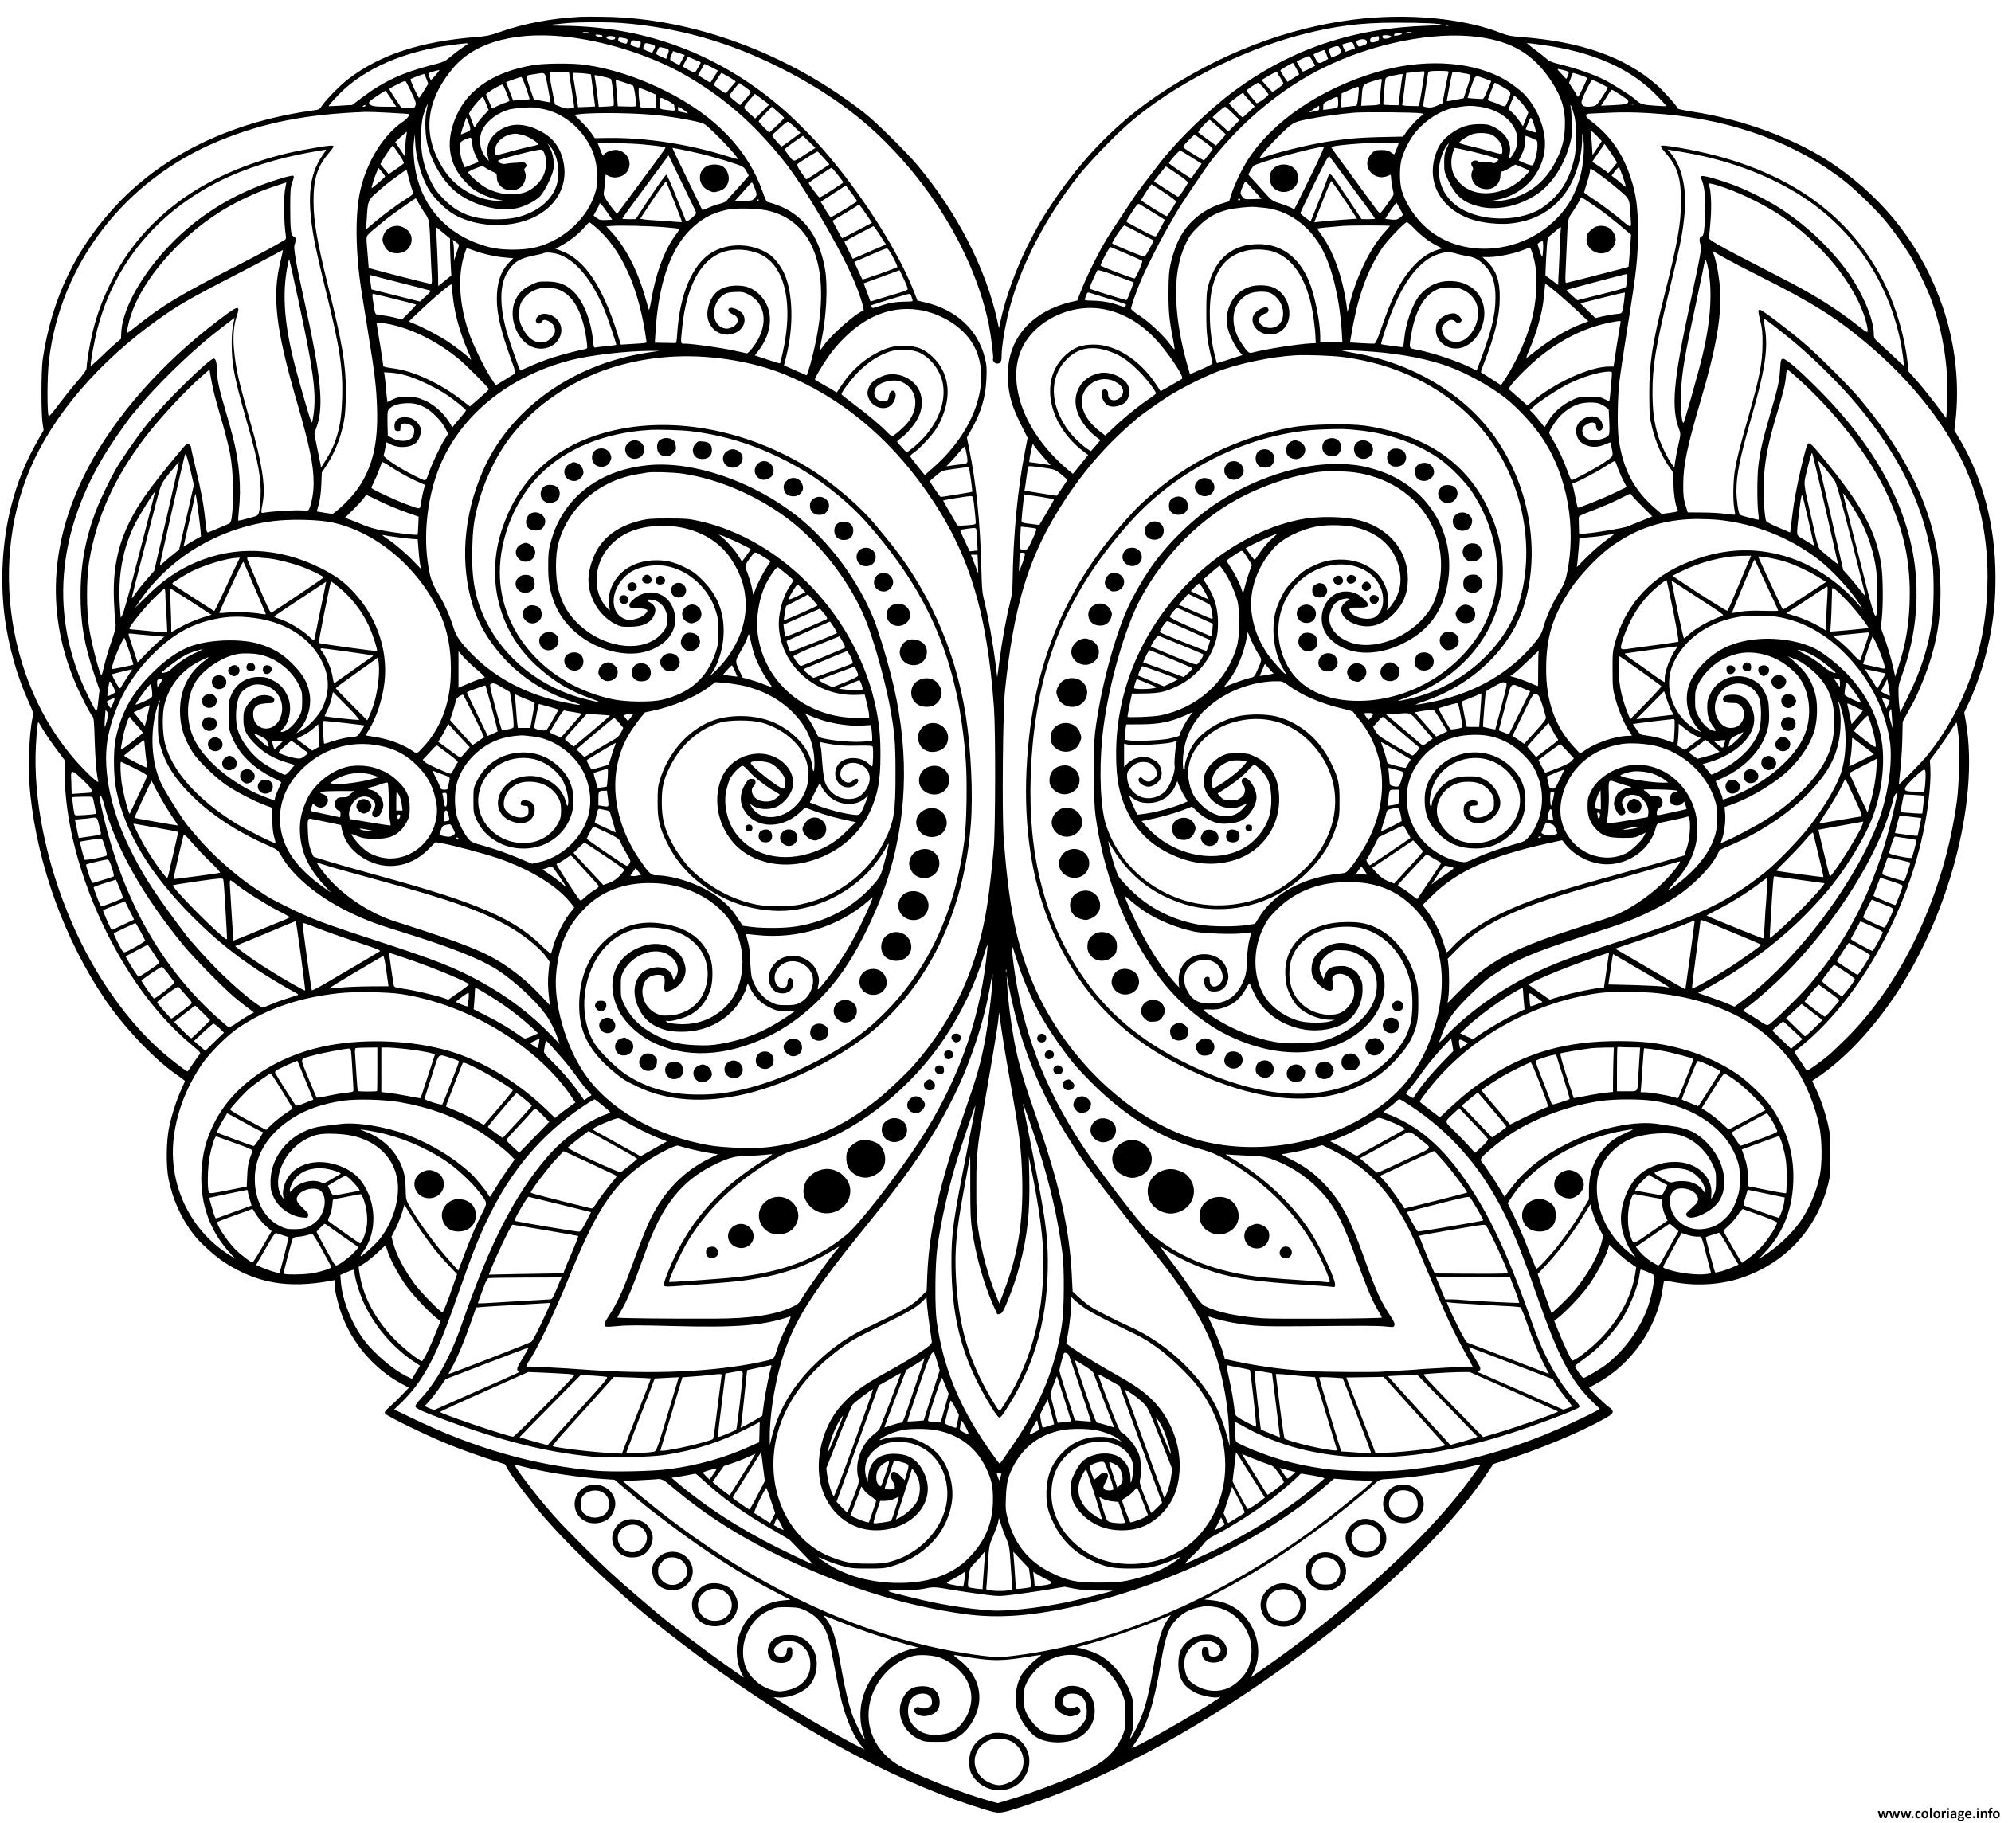 Coloriage Mandala En Forme De Coeur Floral Et Motifs Varies Dessin ...